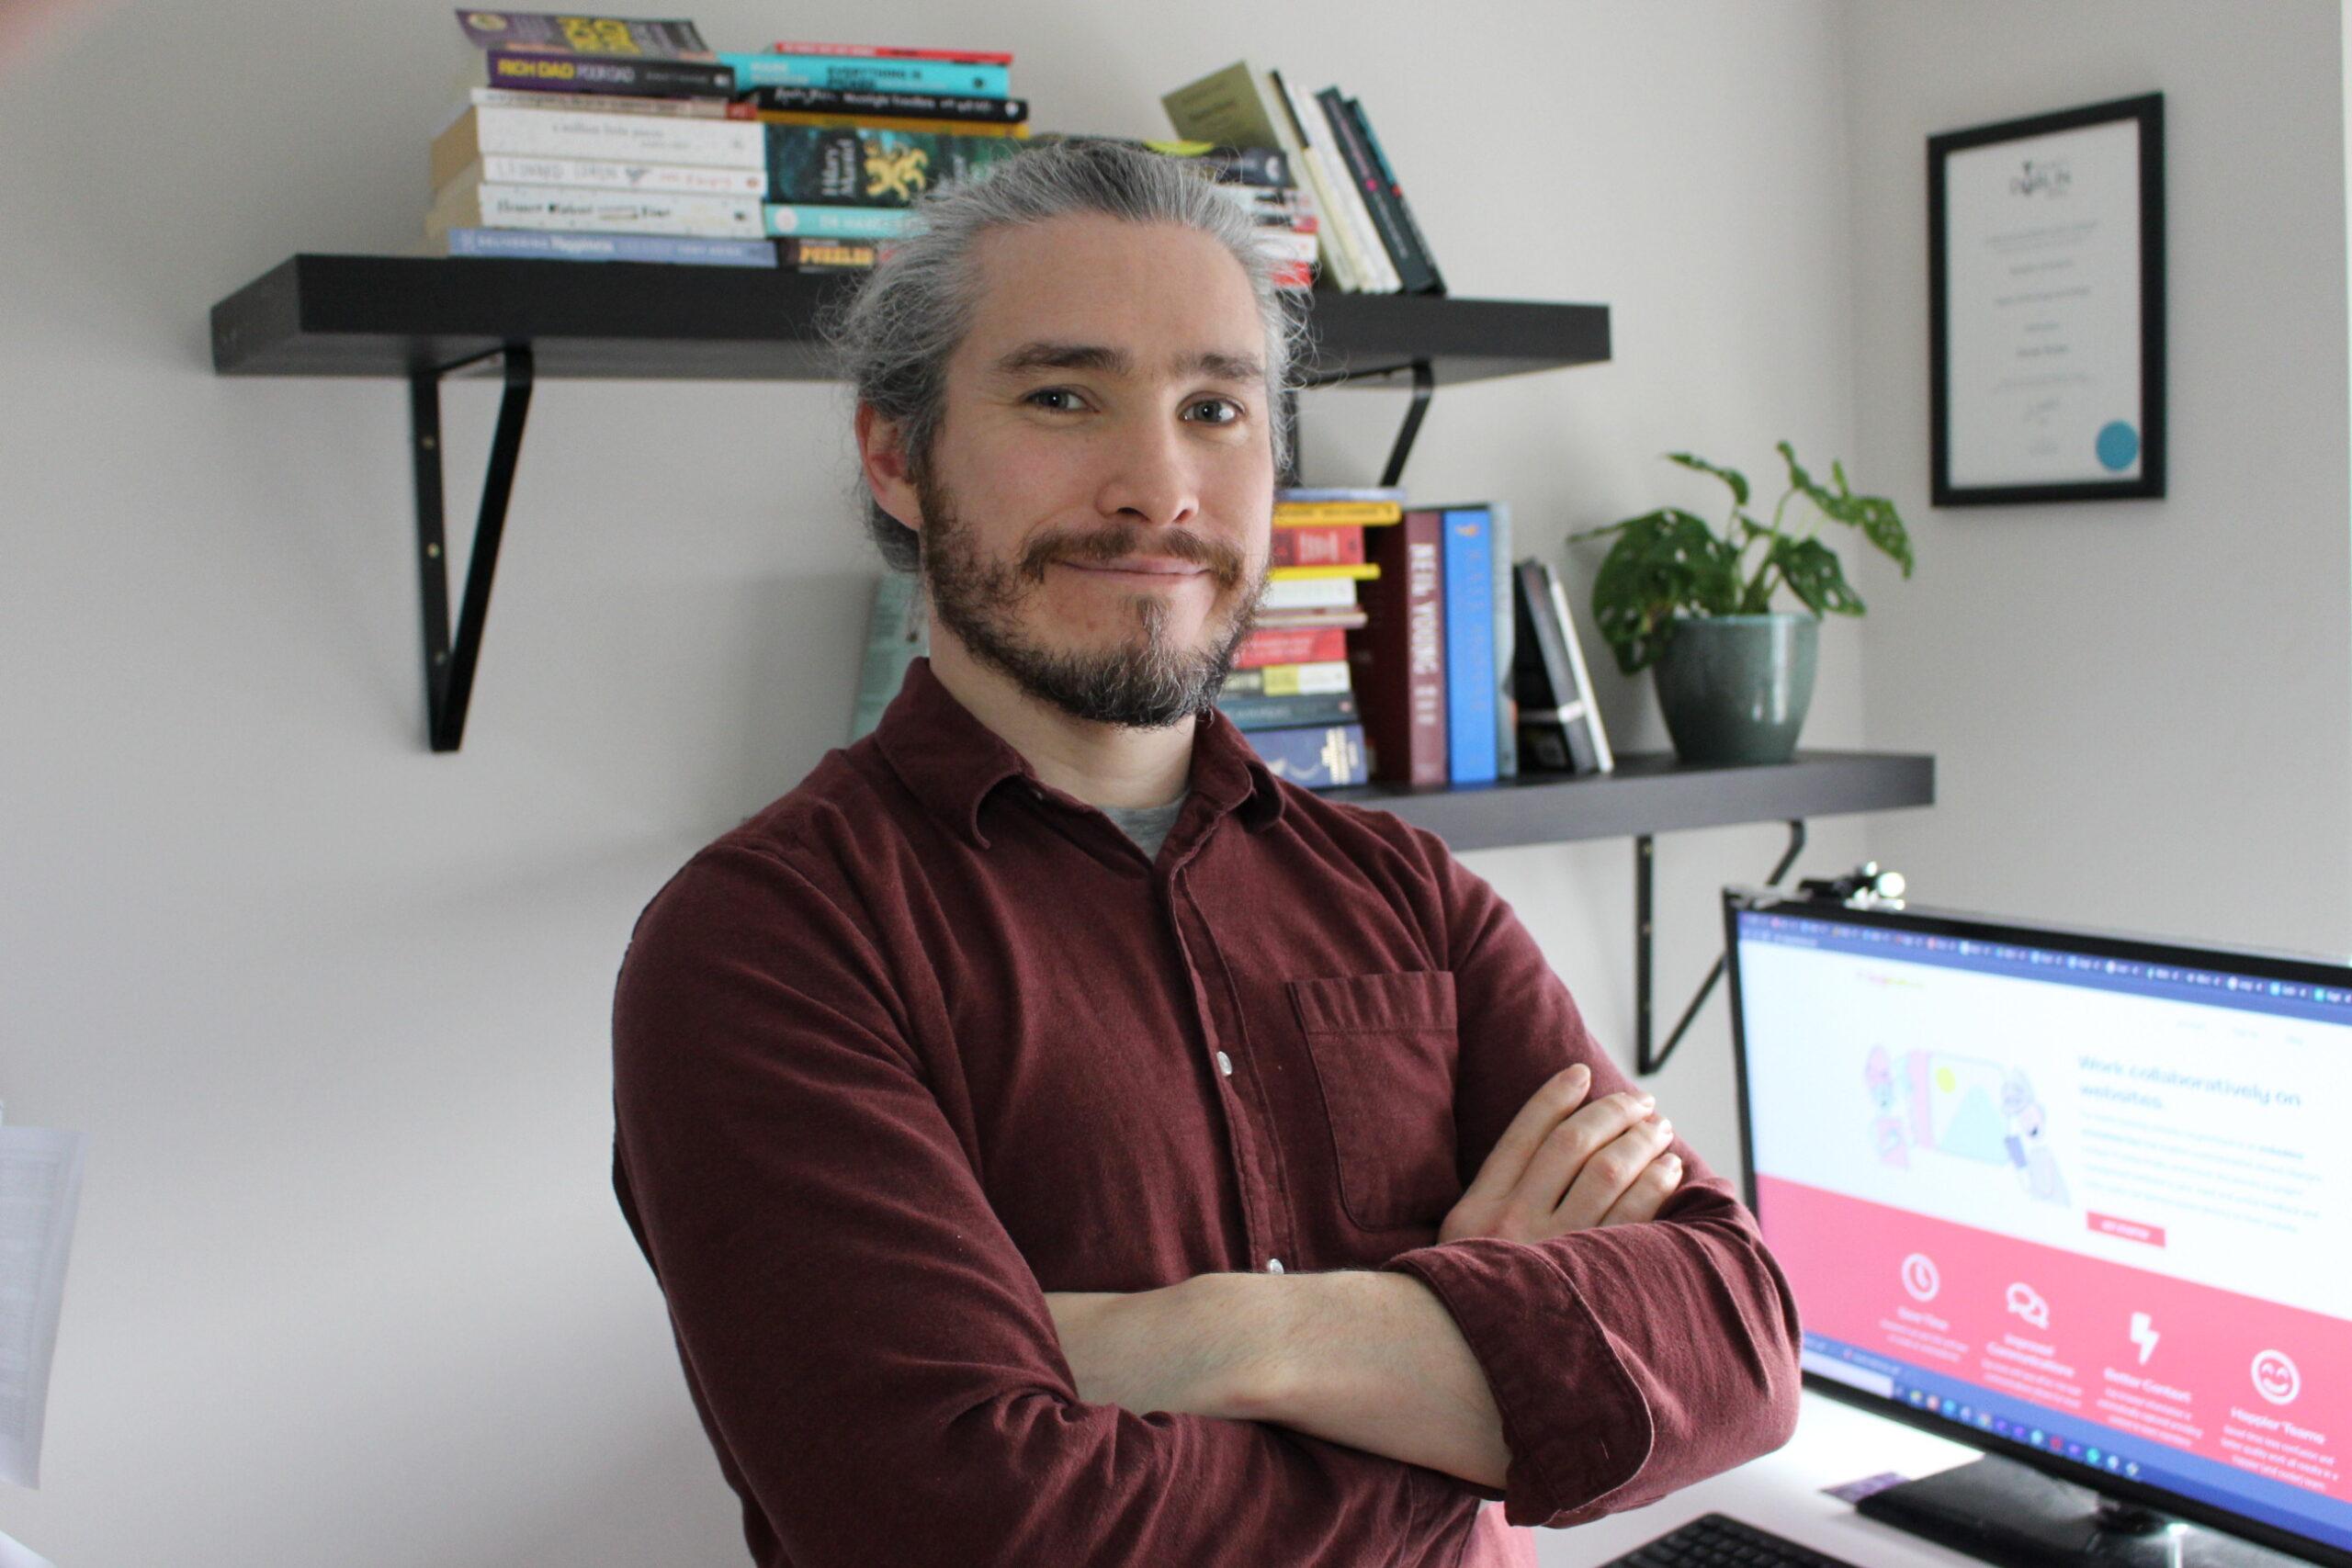 Derek Nolan - Founder of DogNotDuck.